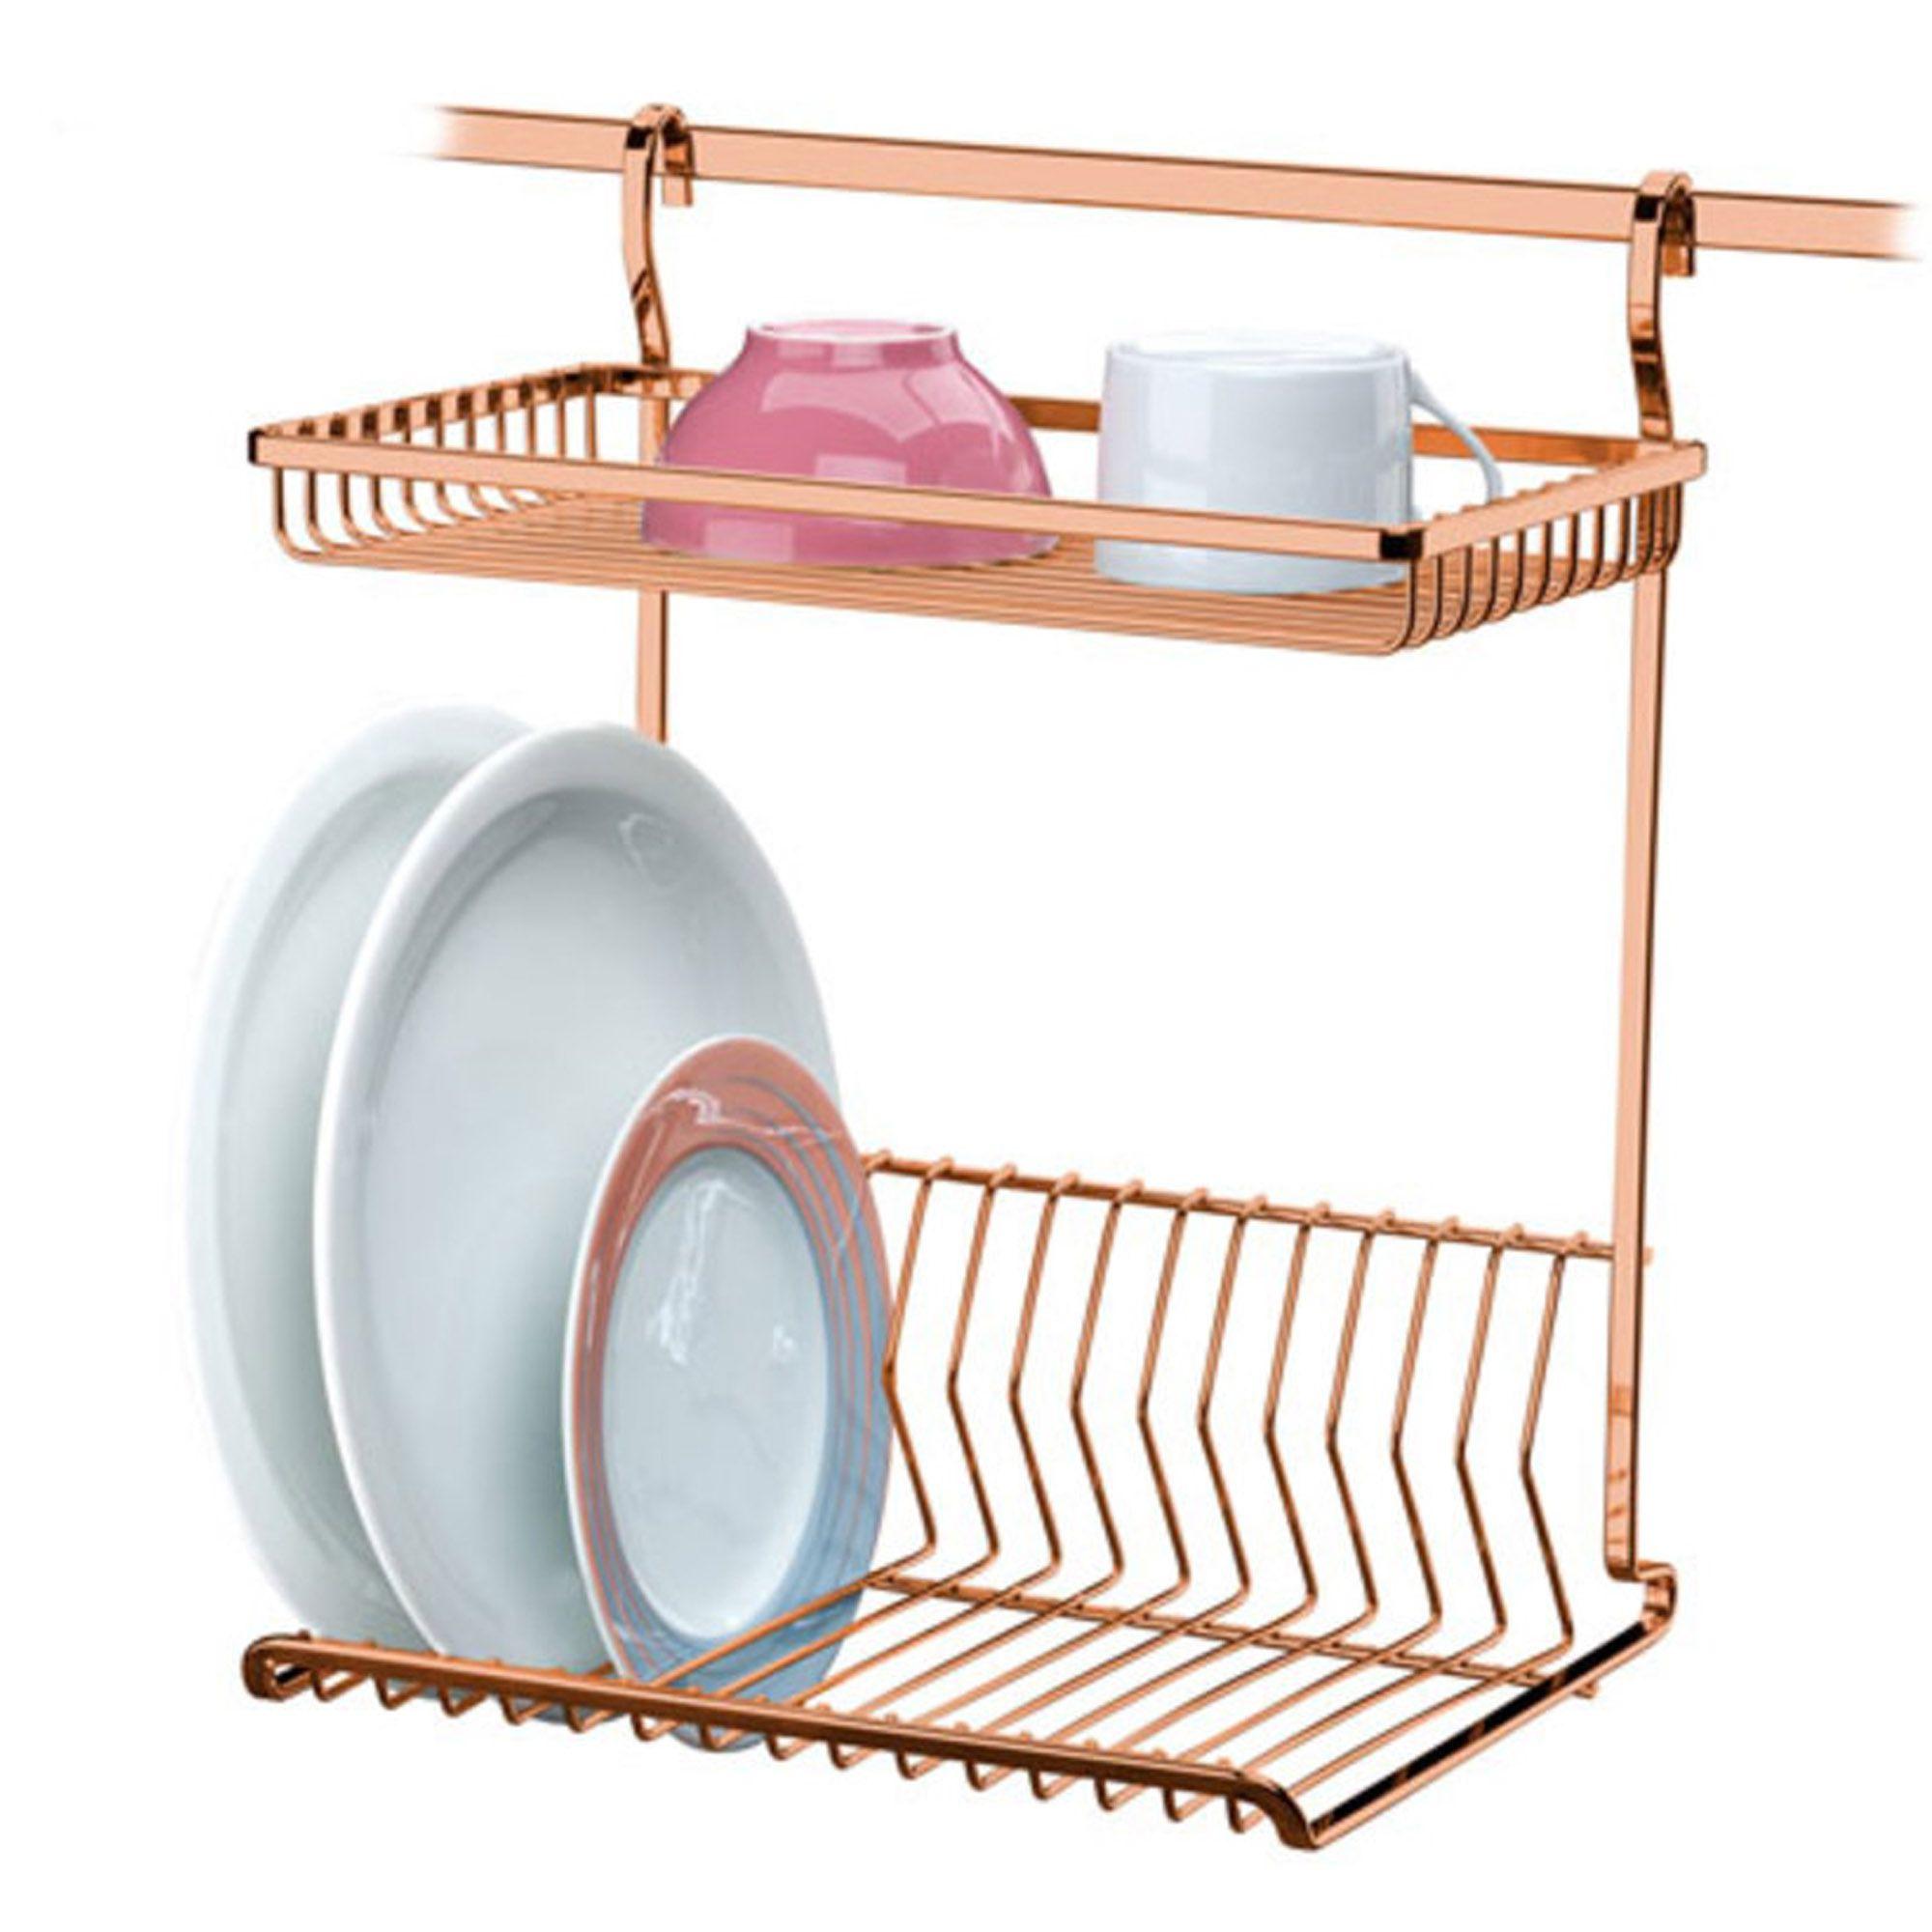 Escorredor de Louças de Parede - Rosé Gold 2800RG - FUTURE